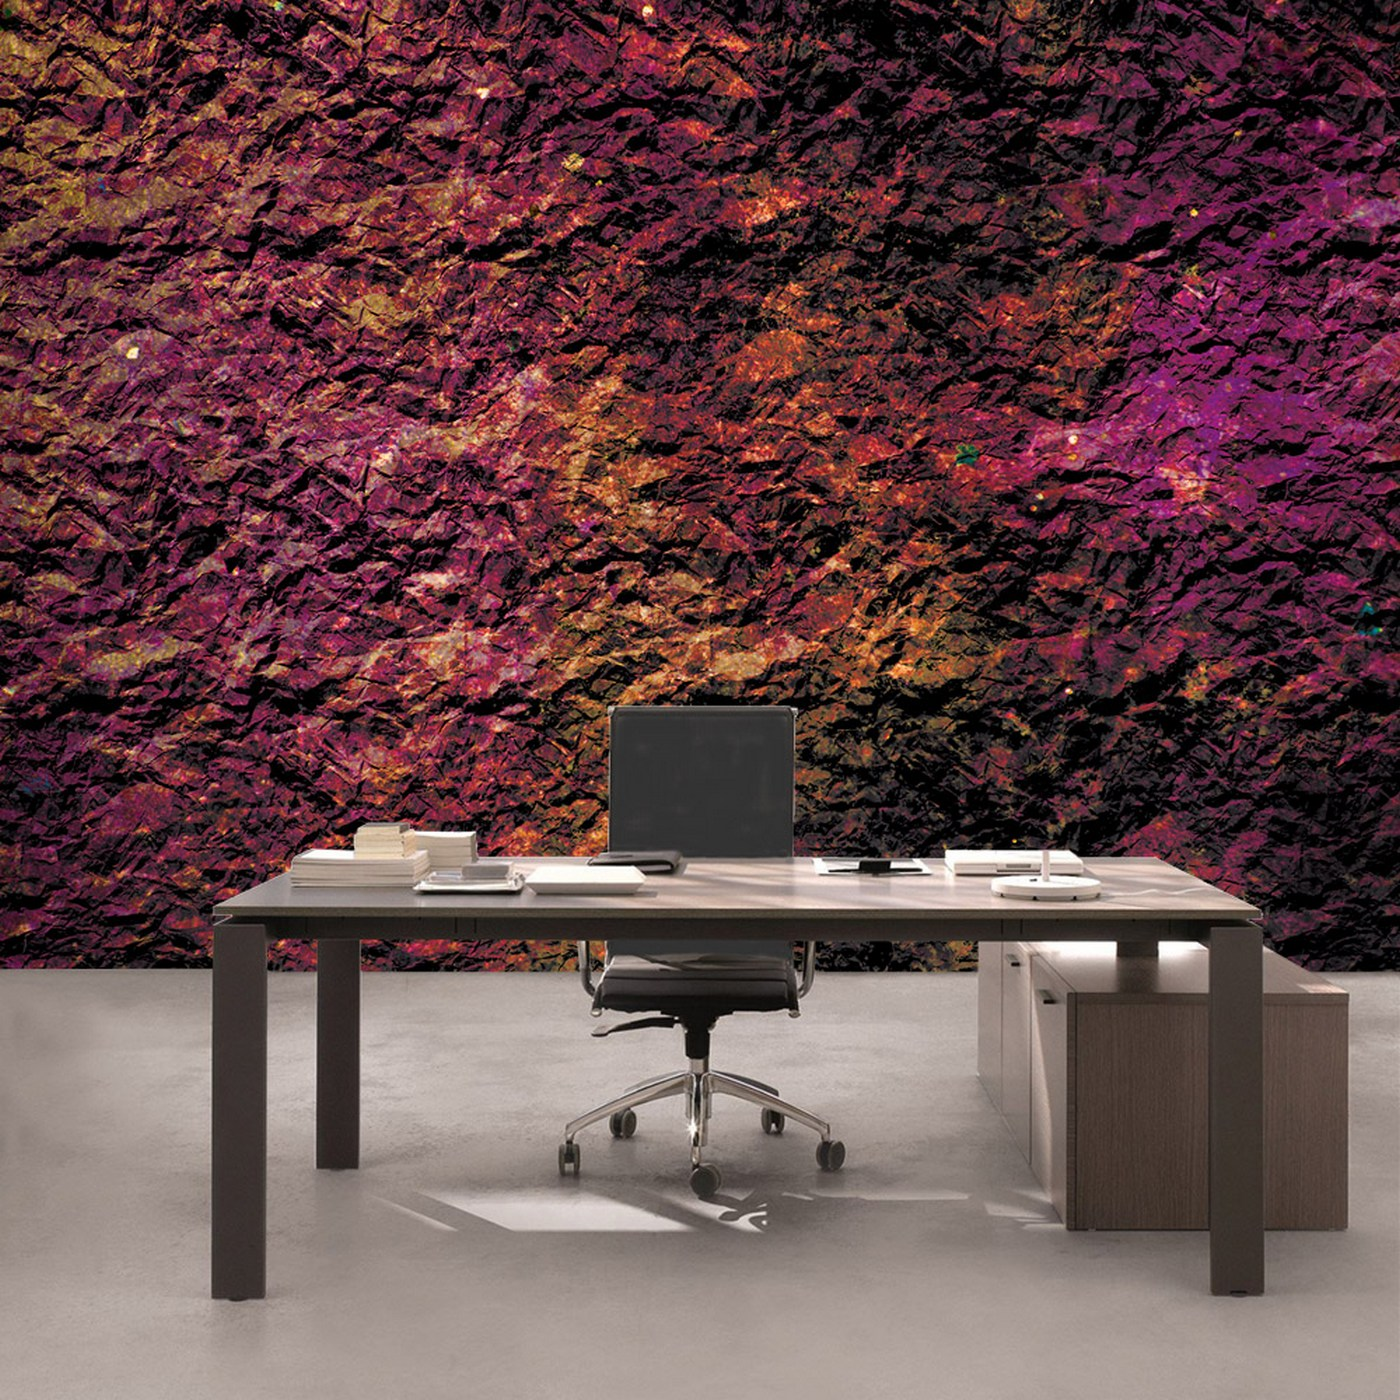 Vlies Fototapete 2511   Texturen Tapete Stein Steinwand Steinoptik Farben  Muster Lila